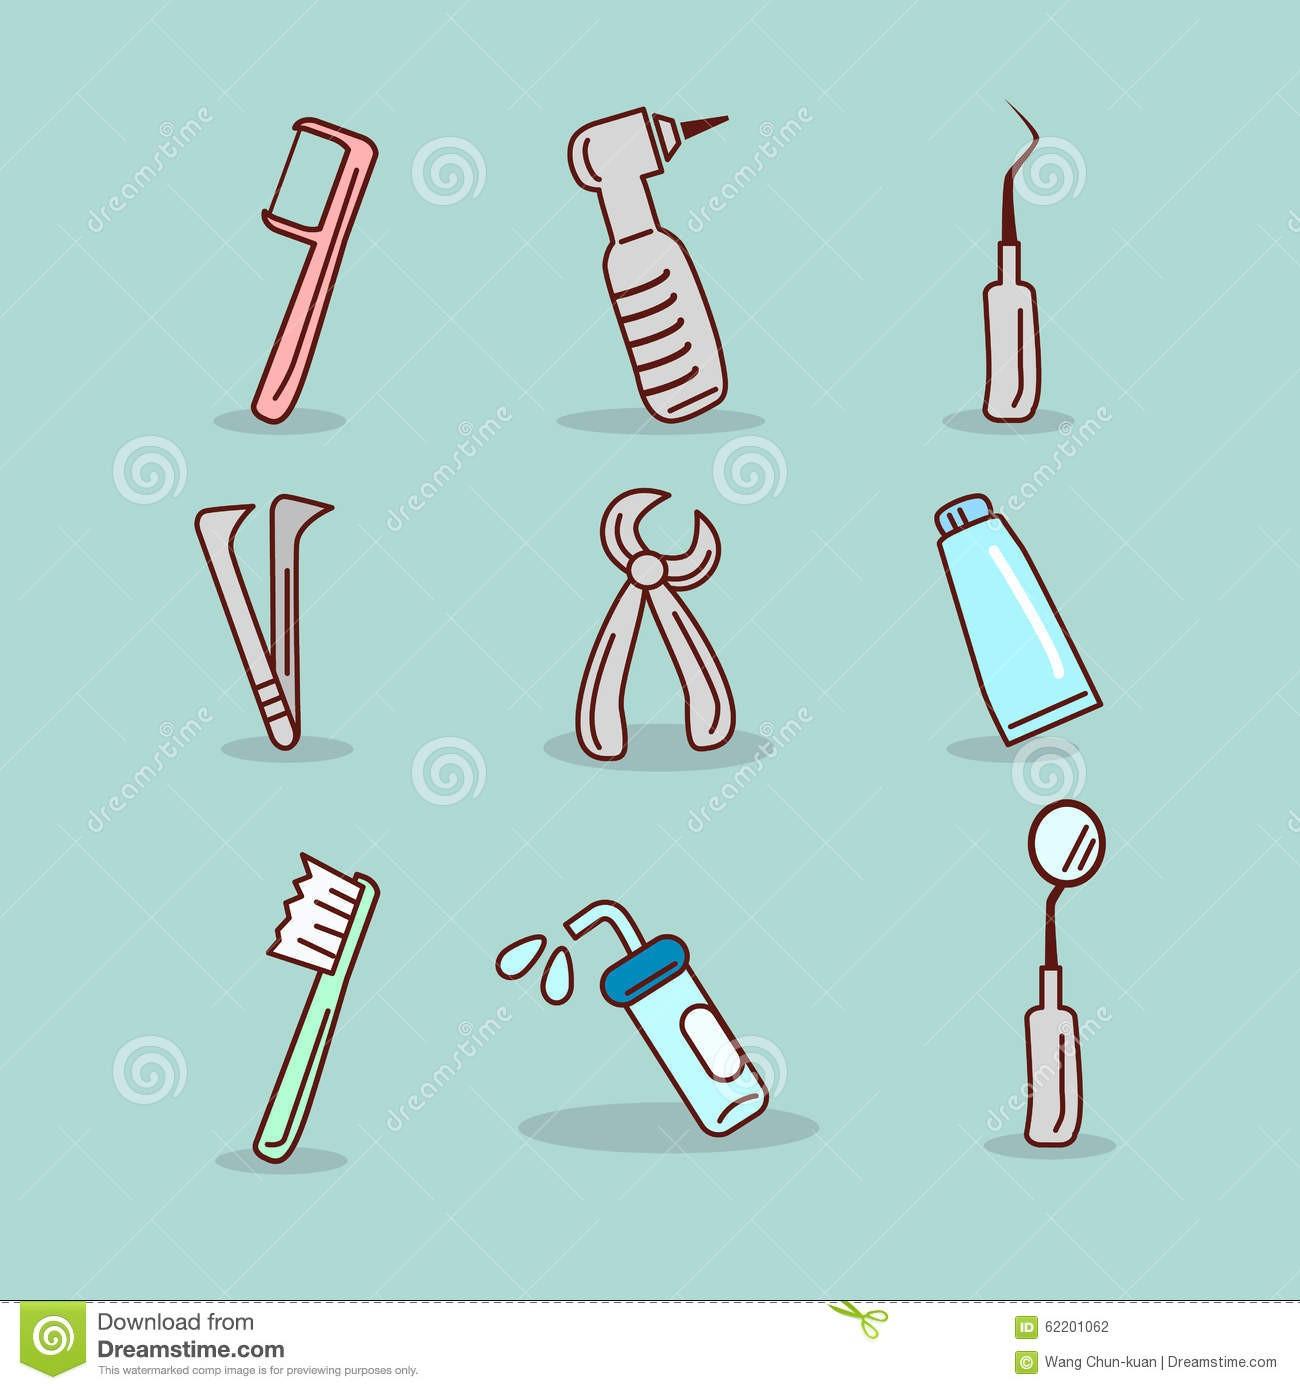 Tools clip art . Dentist clipart dentist tool